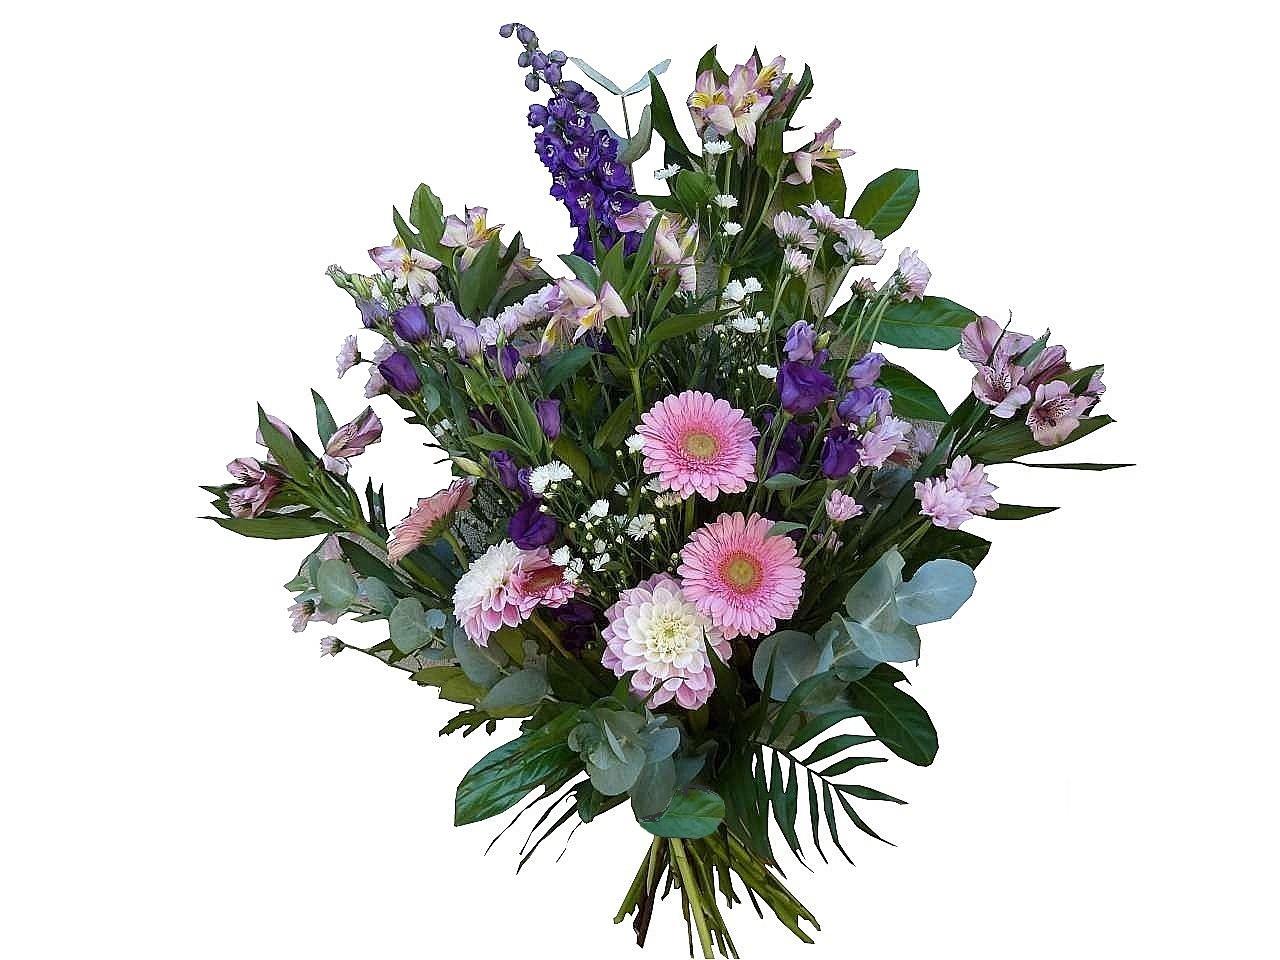 Livraison de fleurs a paris florafrance for Livraison plantes paris